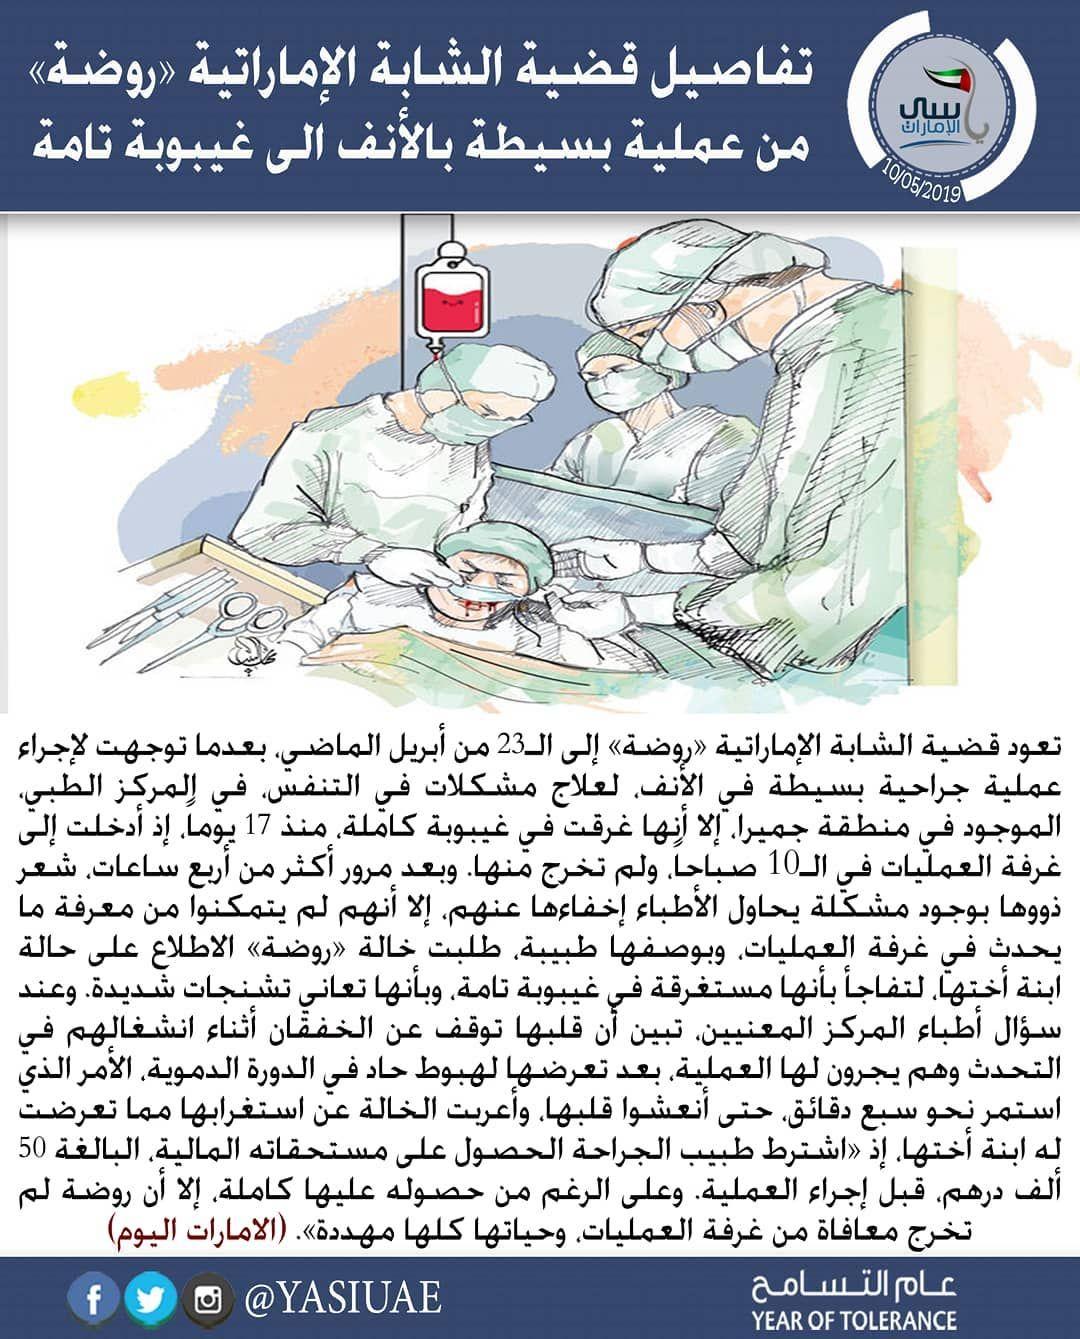 لاتنسوا من الدعاء تعود قضية الشابة الإماراتية روضة إلى الـ23 من أبريل الماضي بعدما توجهت لإجراء عملية جراحية بسيطة في الأنف لعلاج مشكل Map Screenshot Map